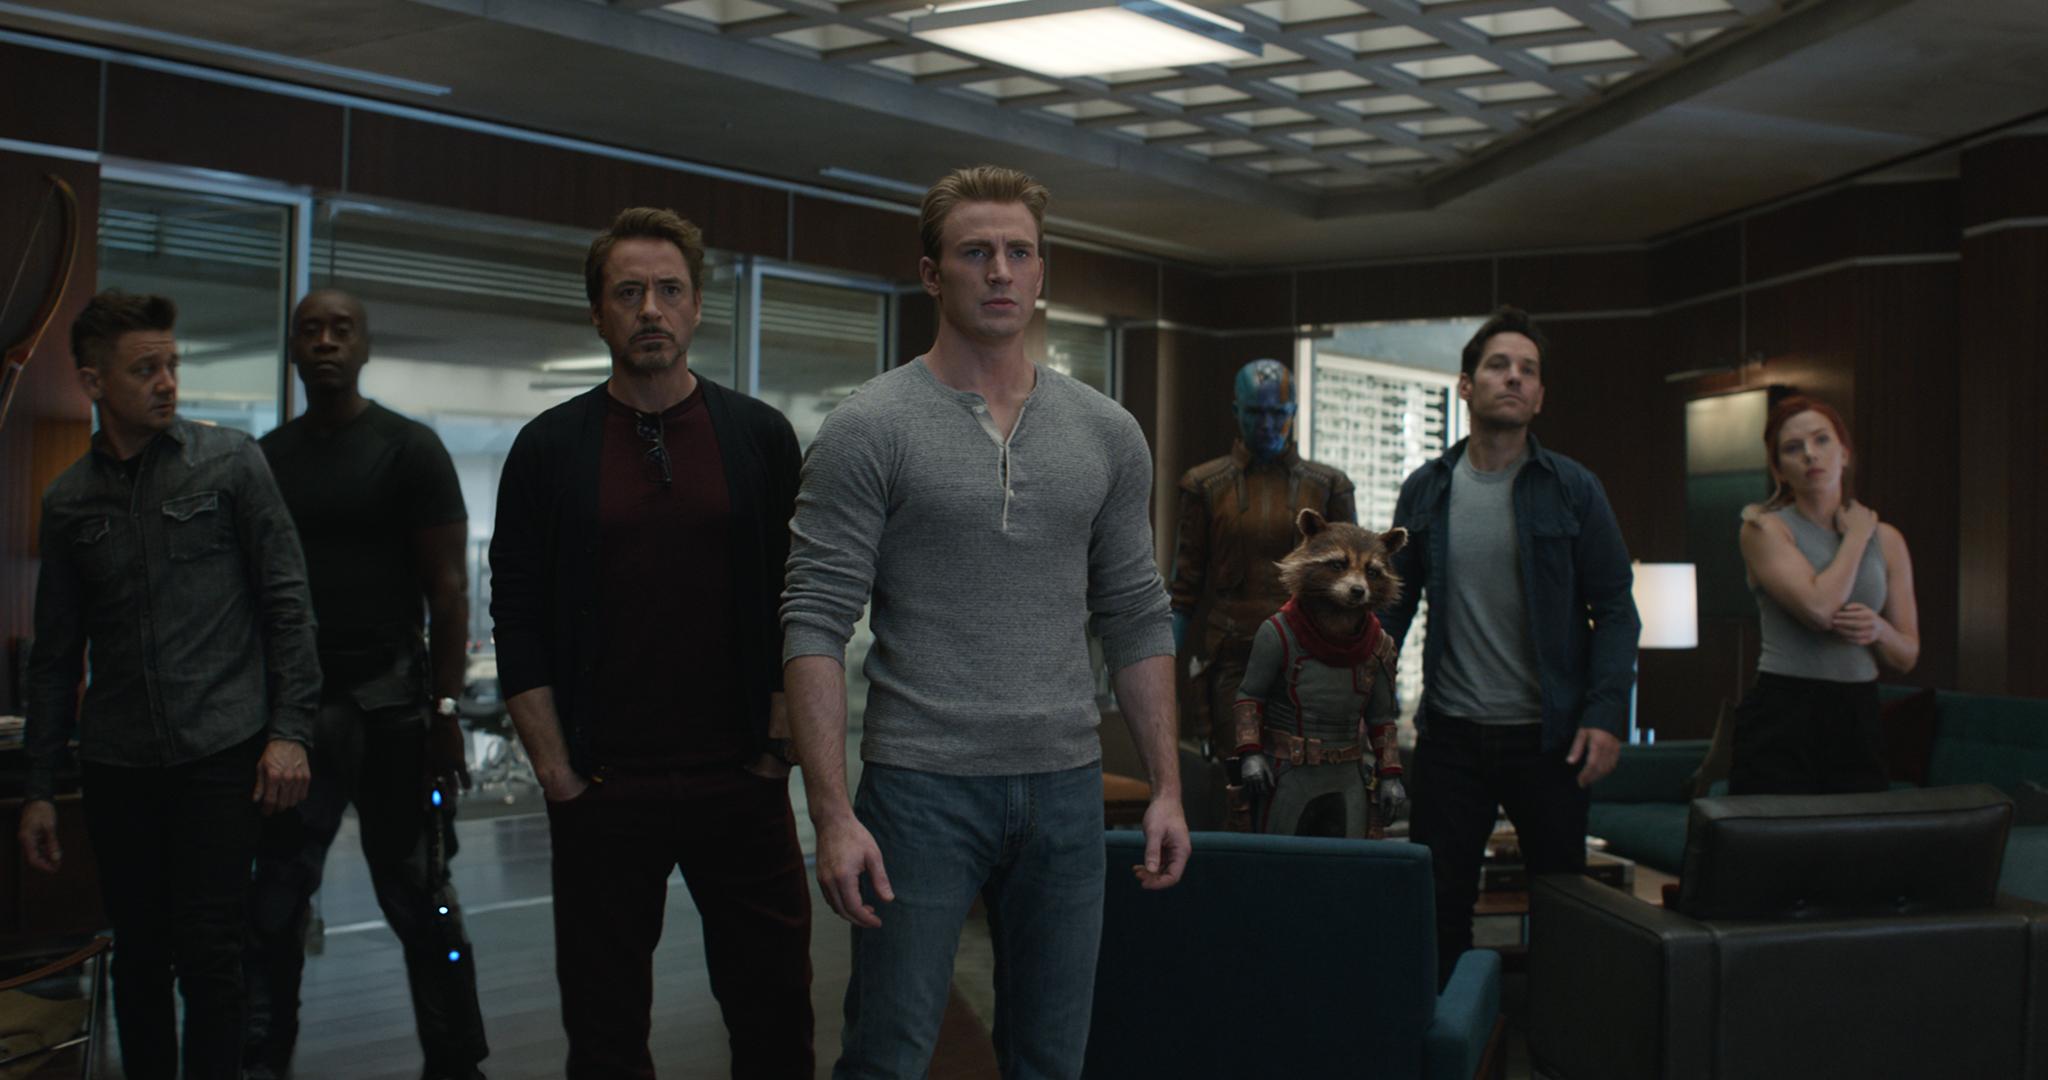 Avengers: Endgame's ending: explained (spoilers follow)